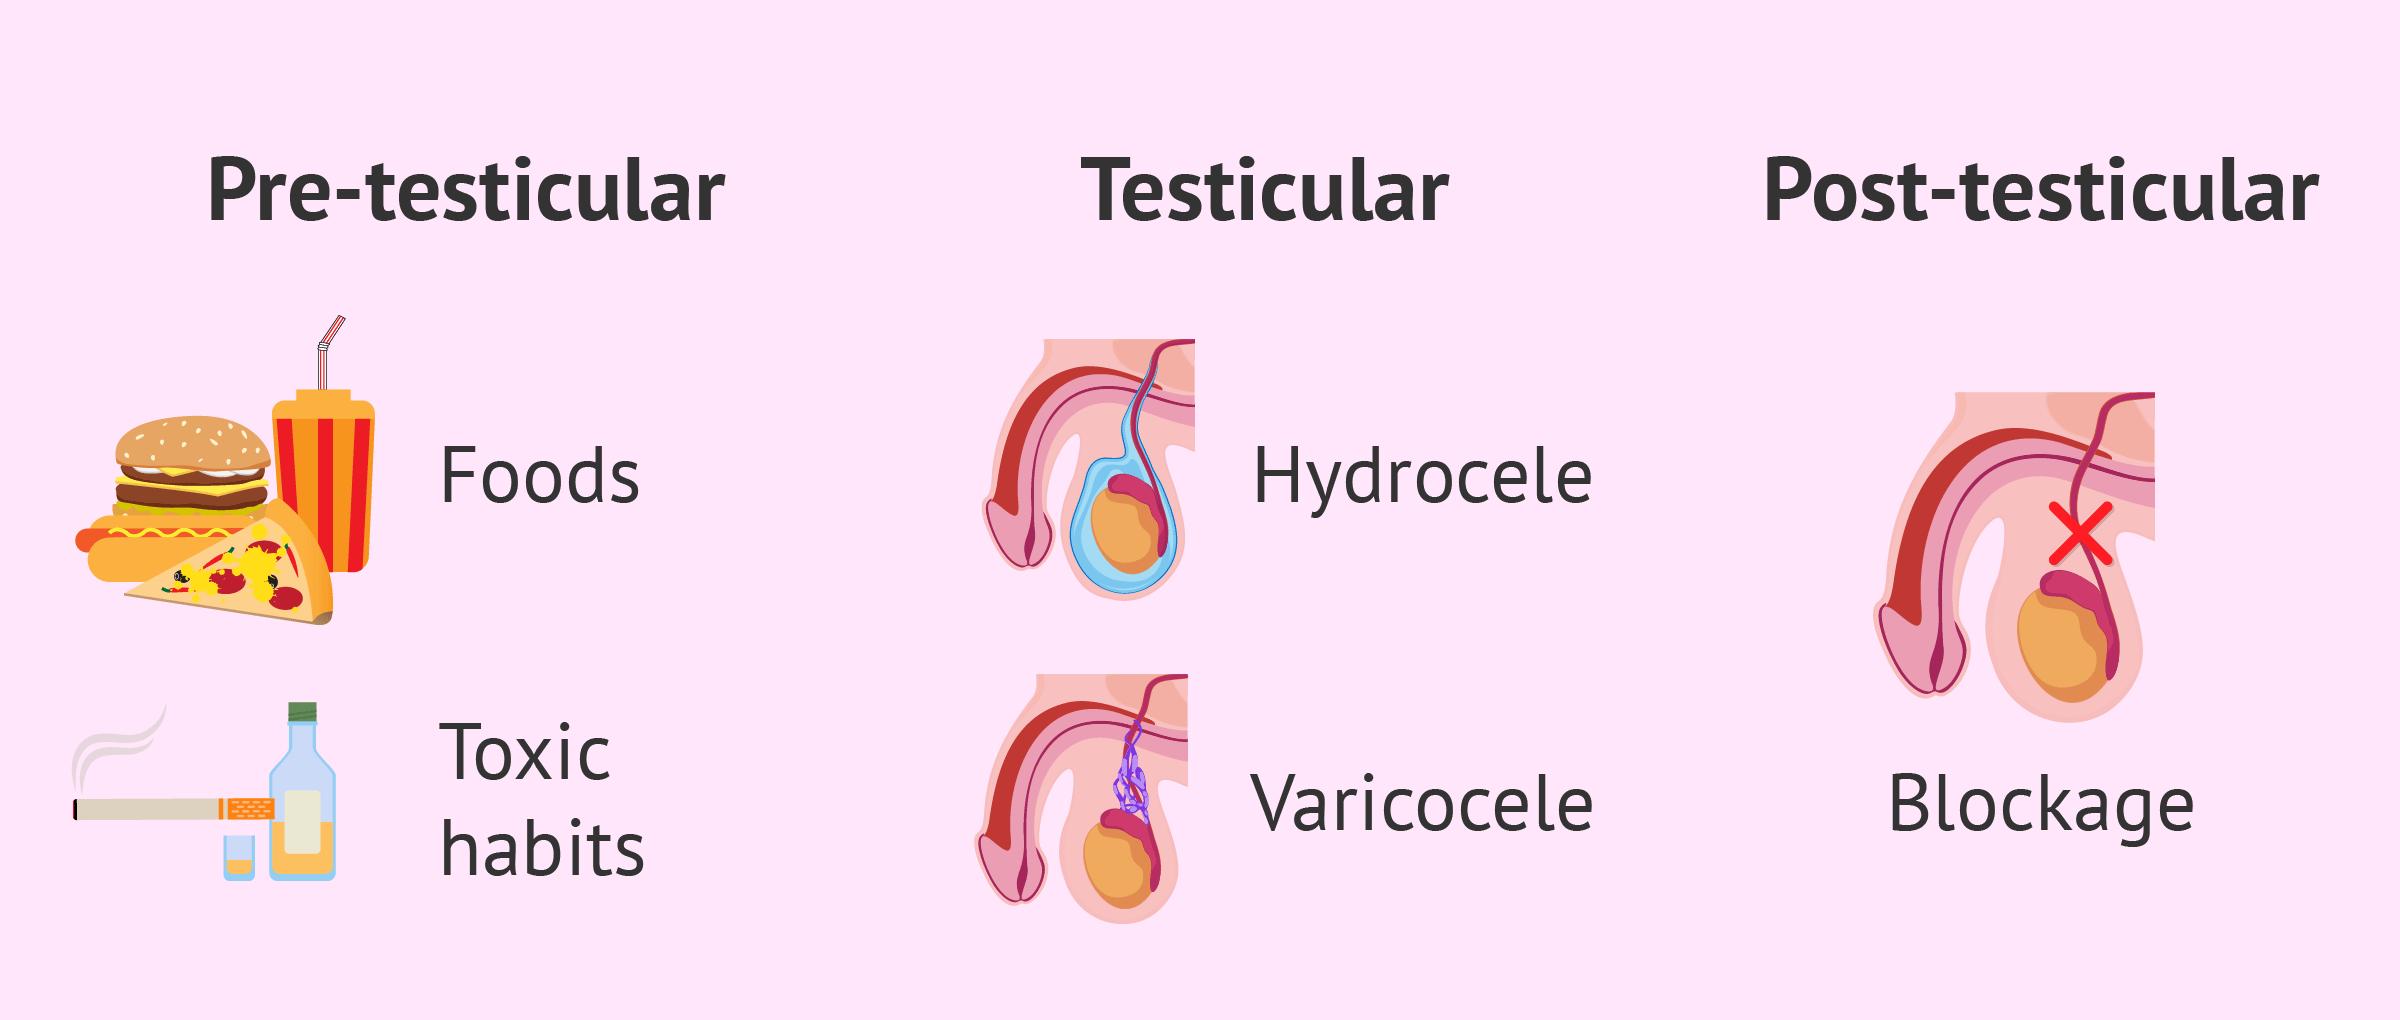 Causes of oligospermia